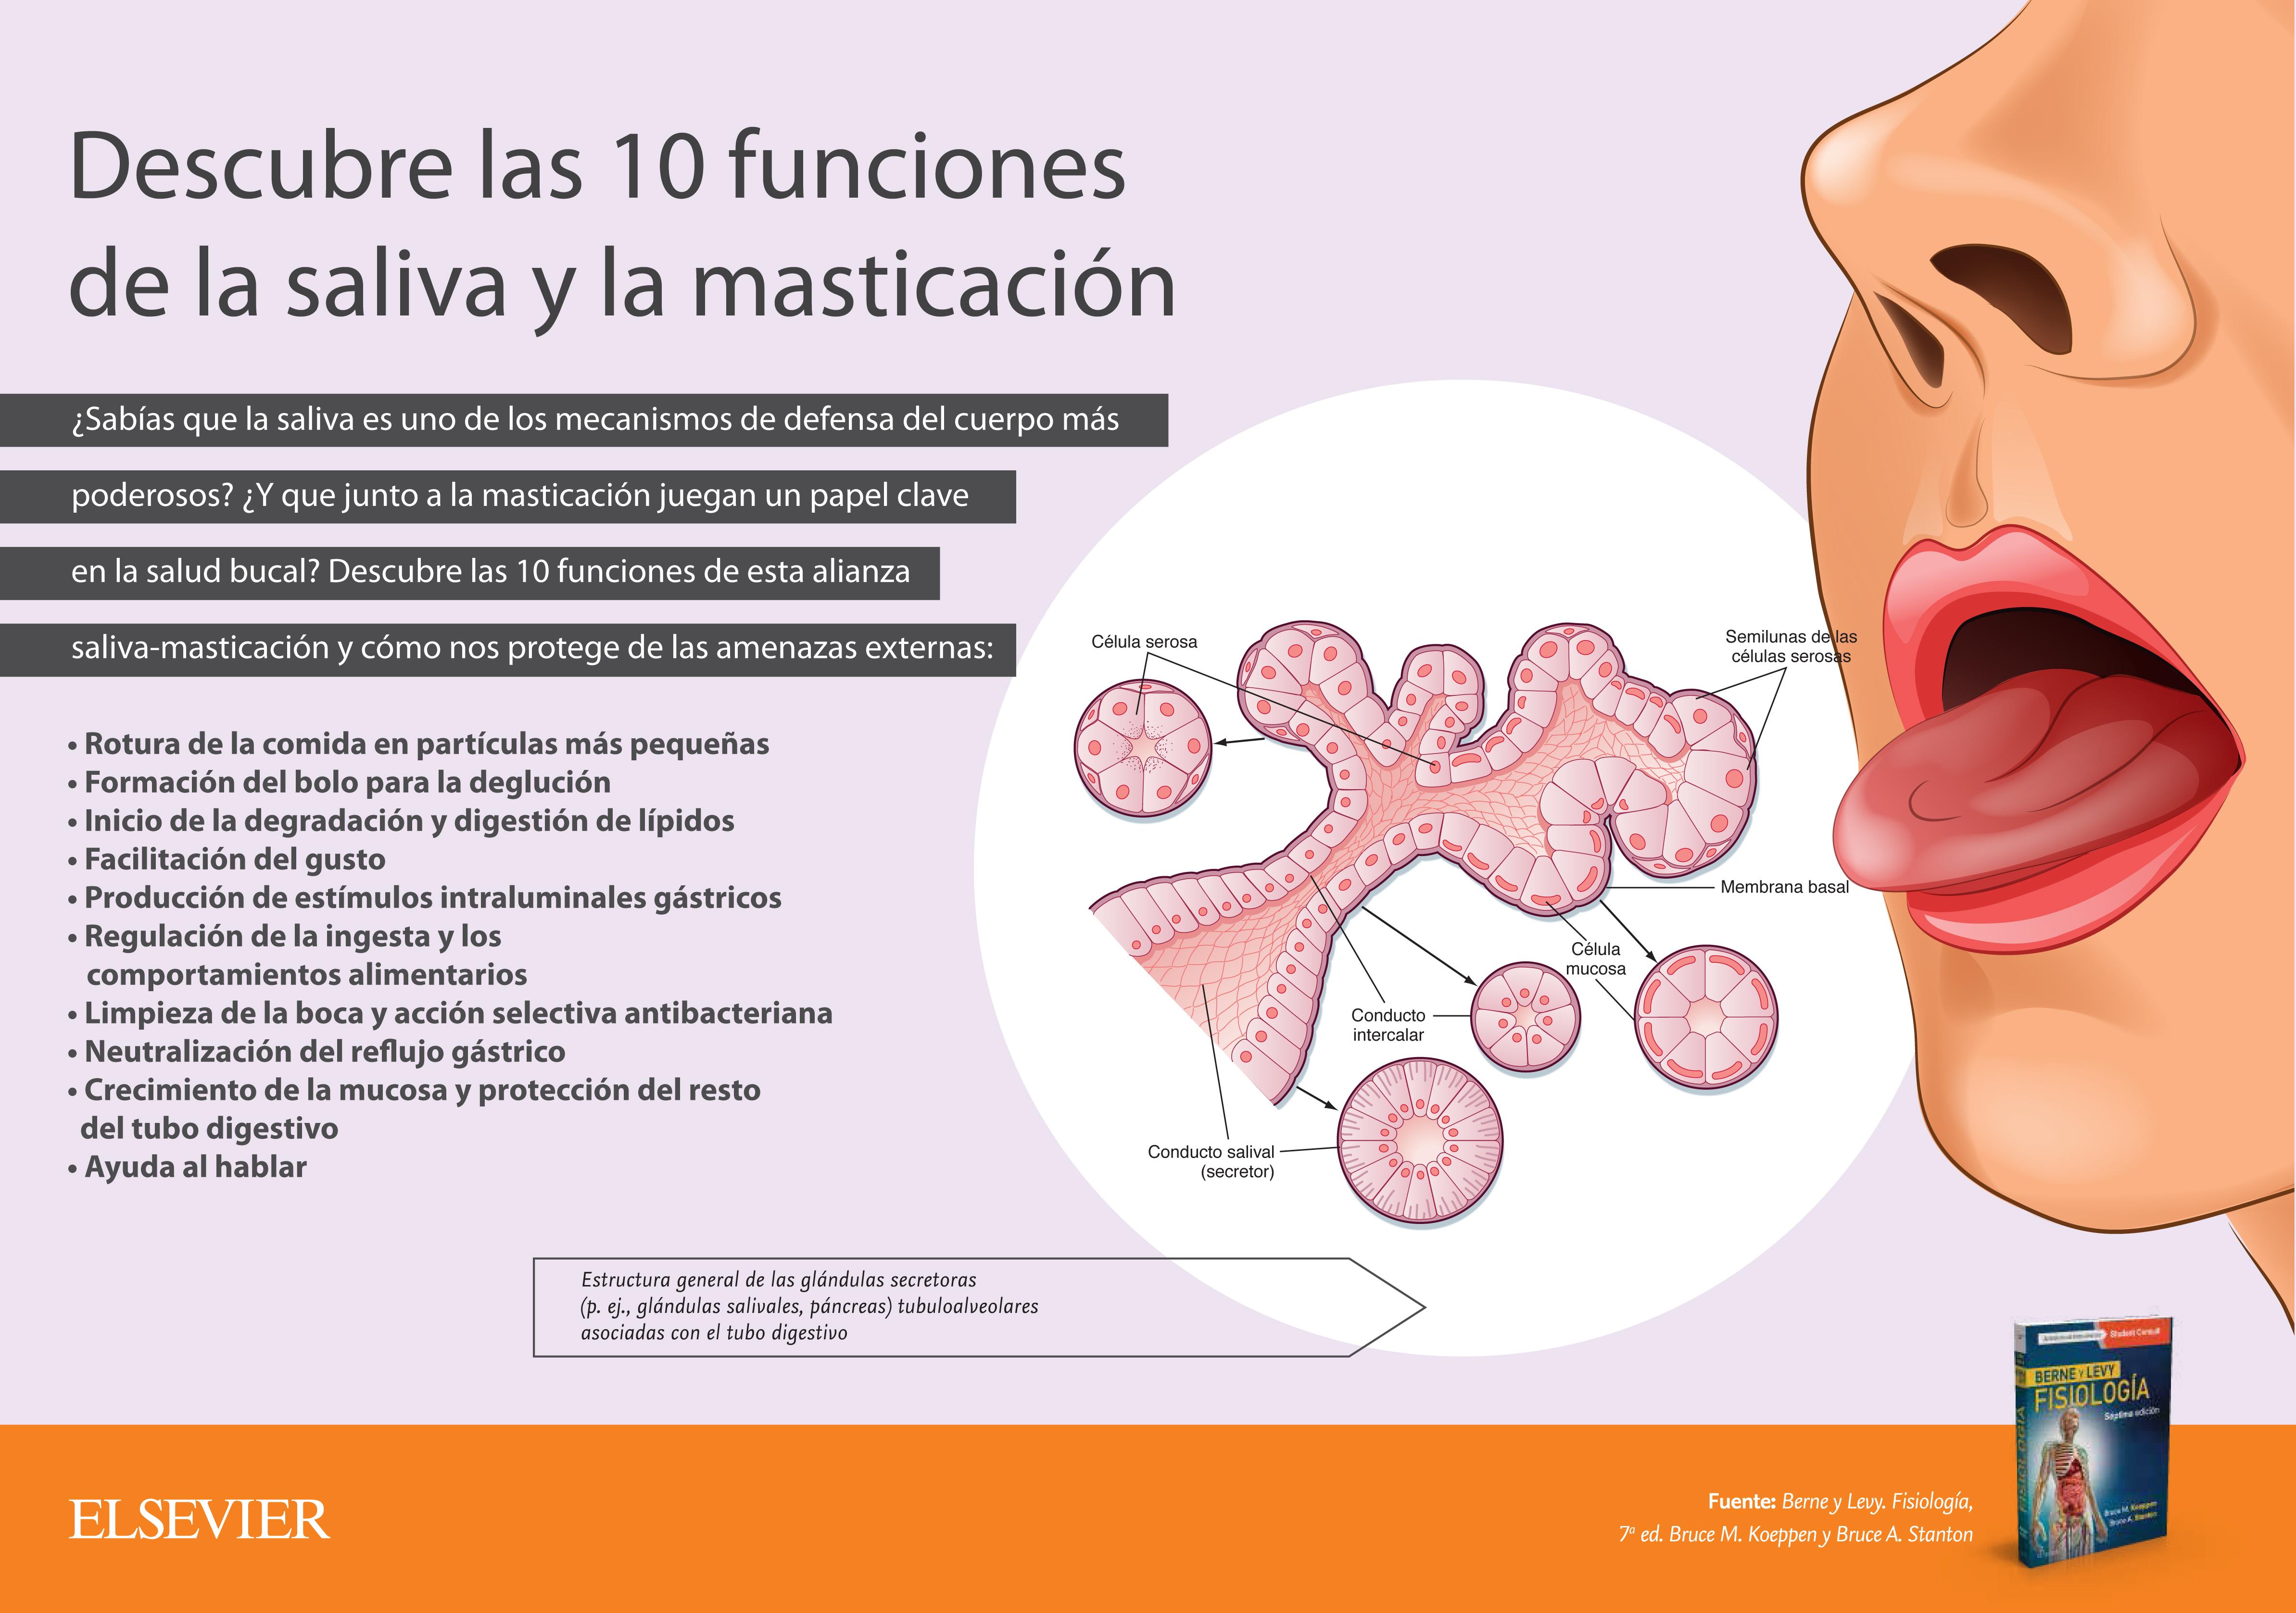 10 funciones de la saliva y la masticación